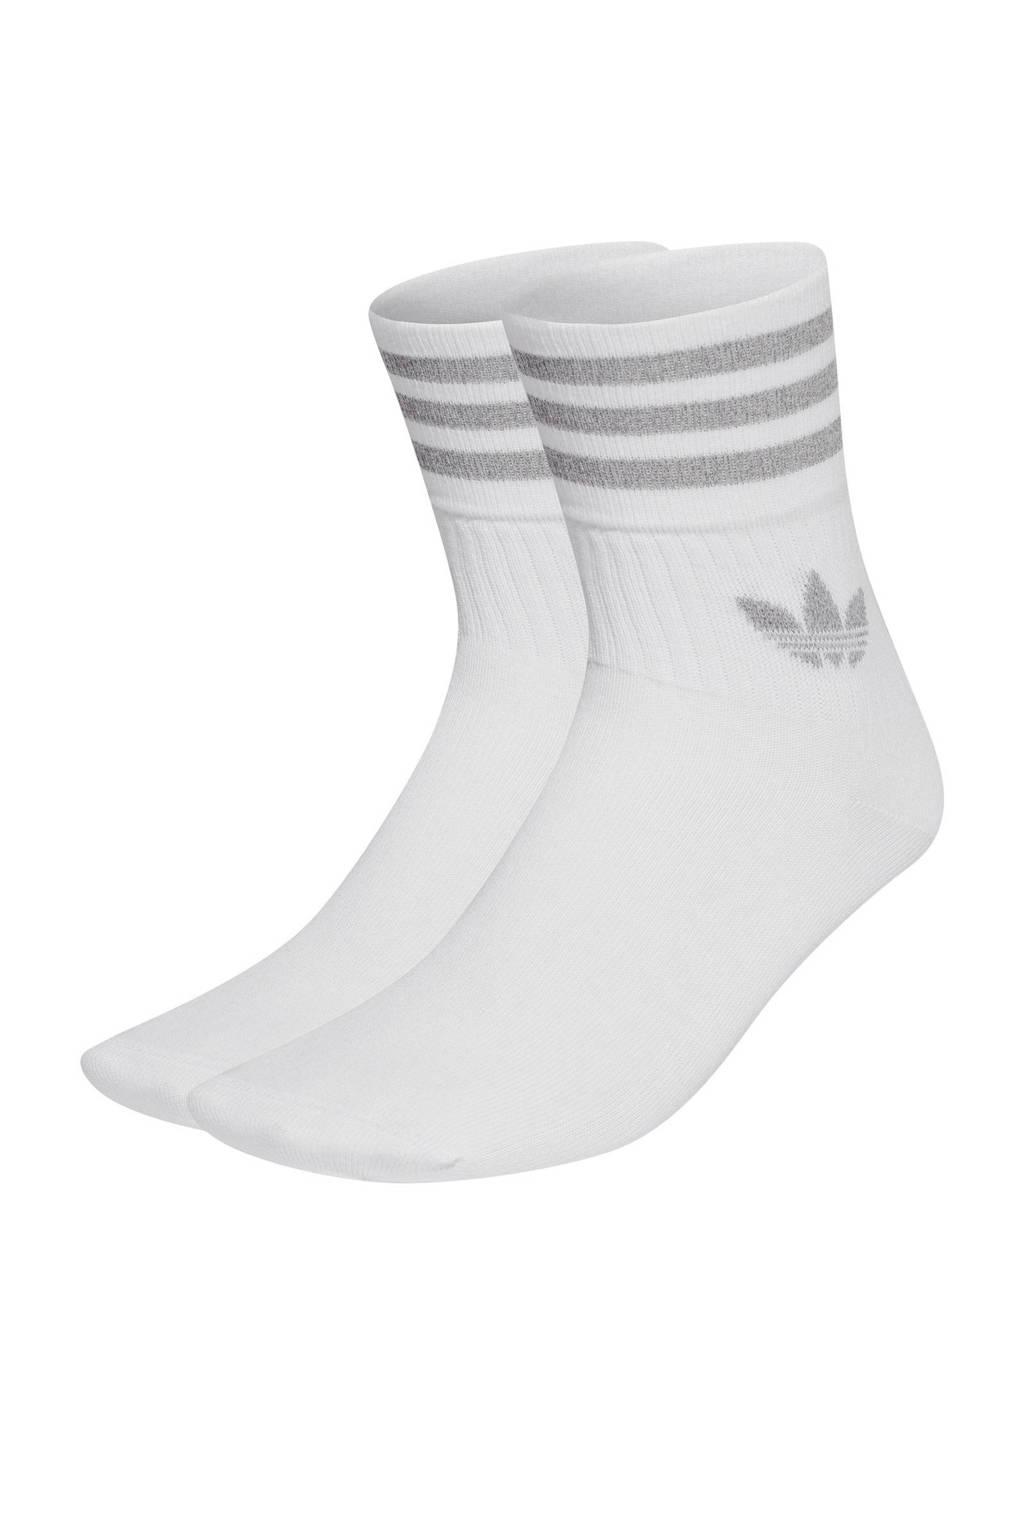 adidas Originals sokken - set van 2 wit/zilver, Wit/zilver